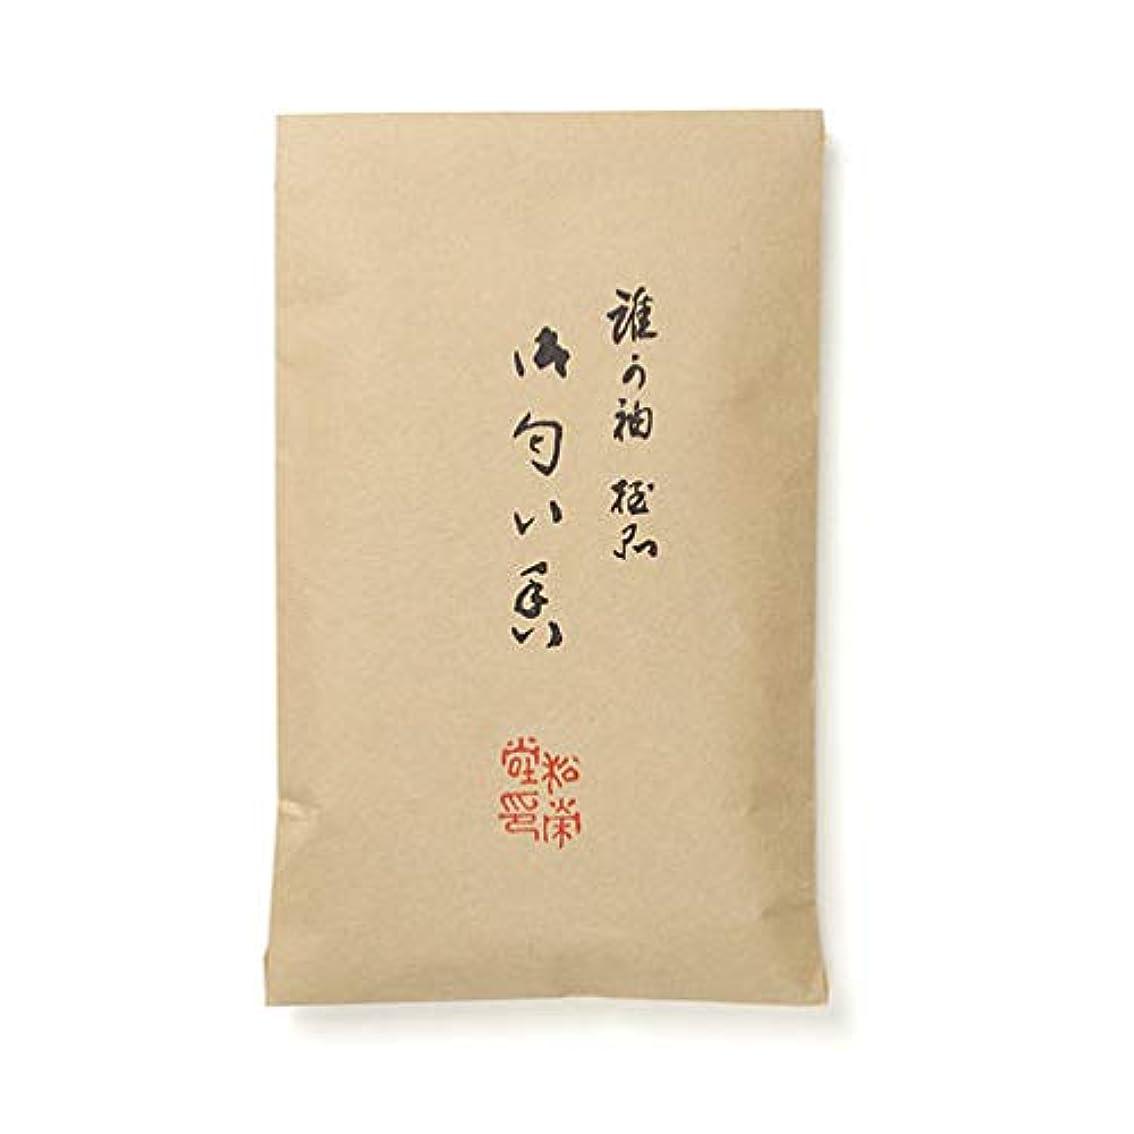 衰える応じるカフェ松栄堂 誰が袖 極品 匂い香 50g袋入